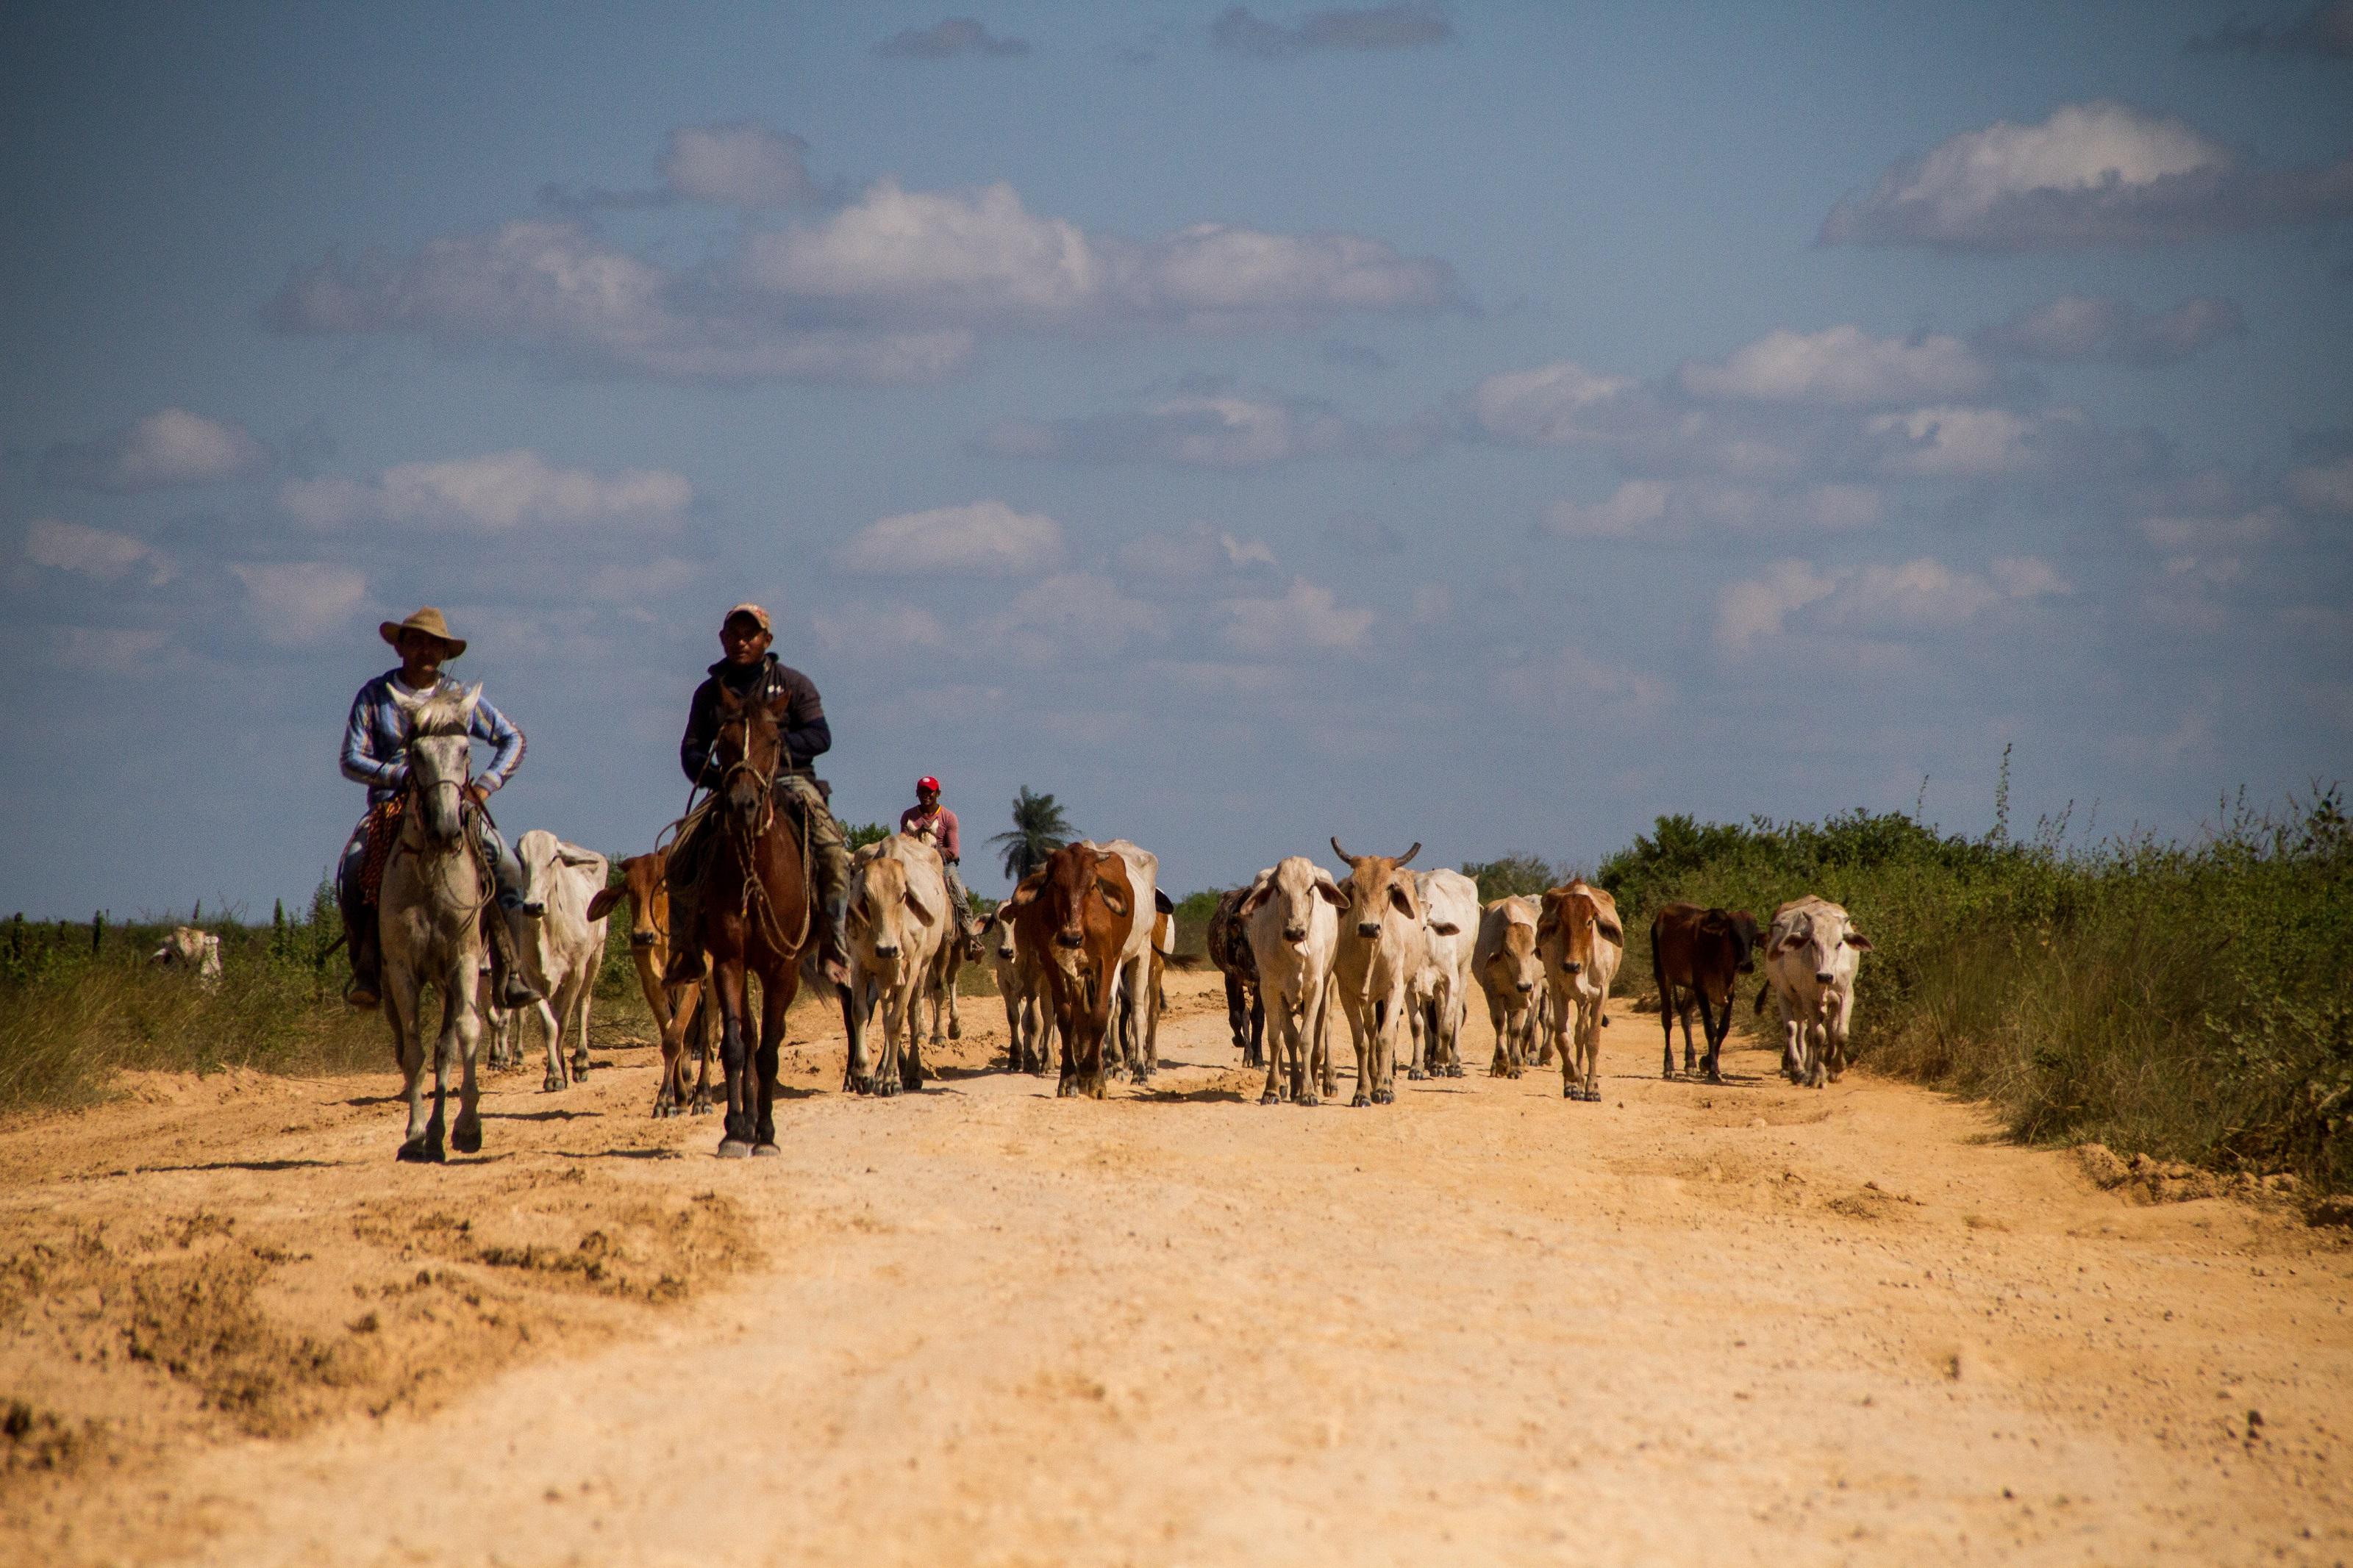 La ganadería es una actividad típica de la Orinoquía colombiana. Hoy está permitida en Cinaruco bajo ciertos parámetros de sostenibilidad. Foto: Rodrigo Durán Bahamón.